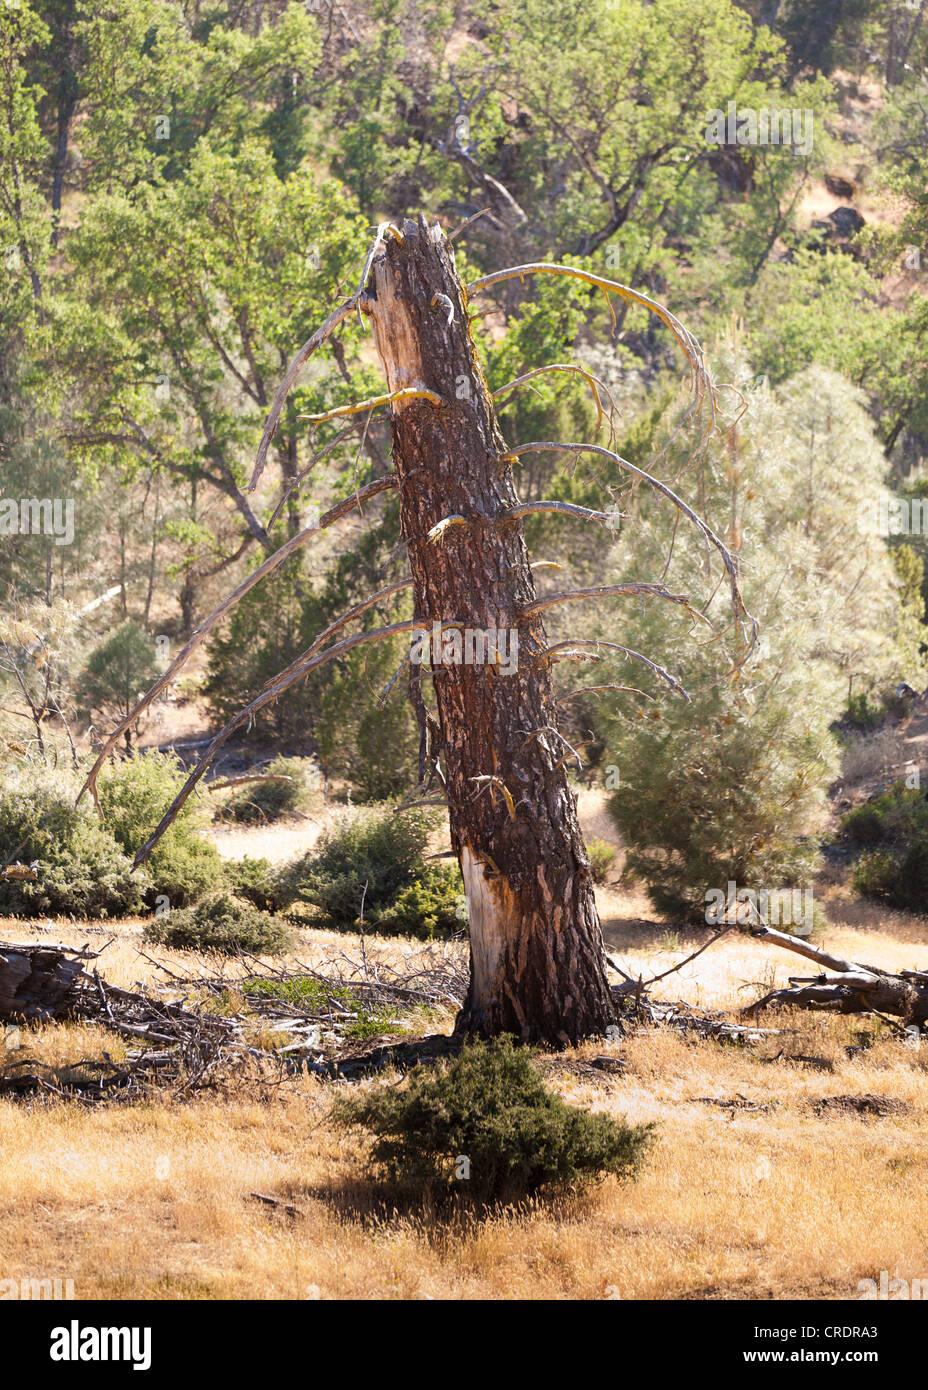 Rotura del tronco de un árbol en el bosque Imagen De Stock